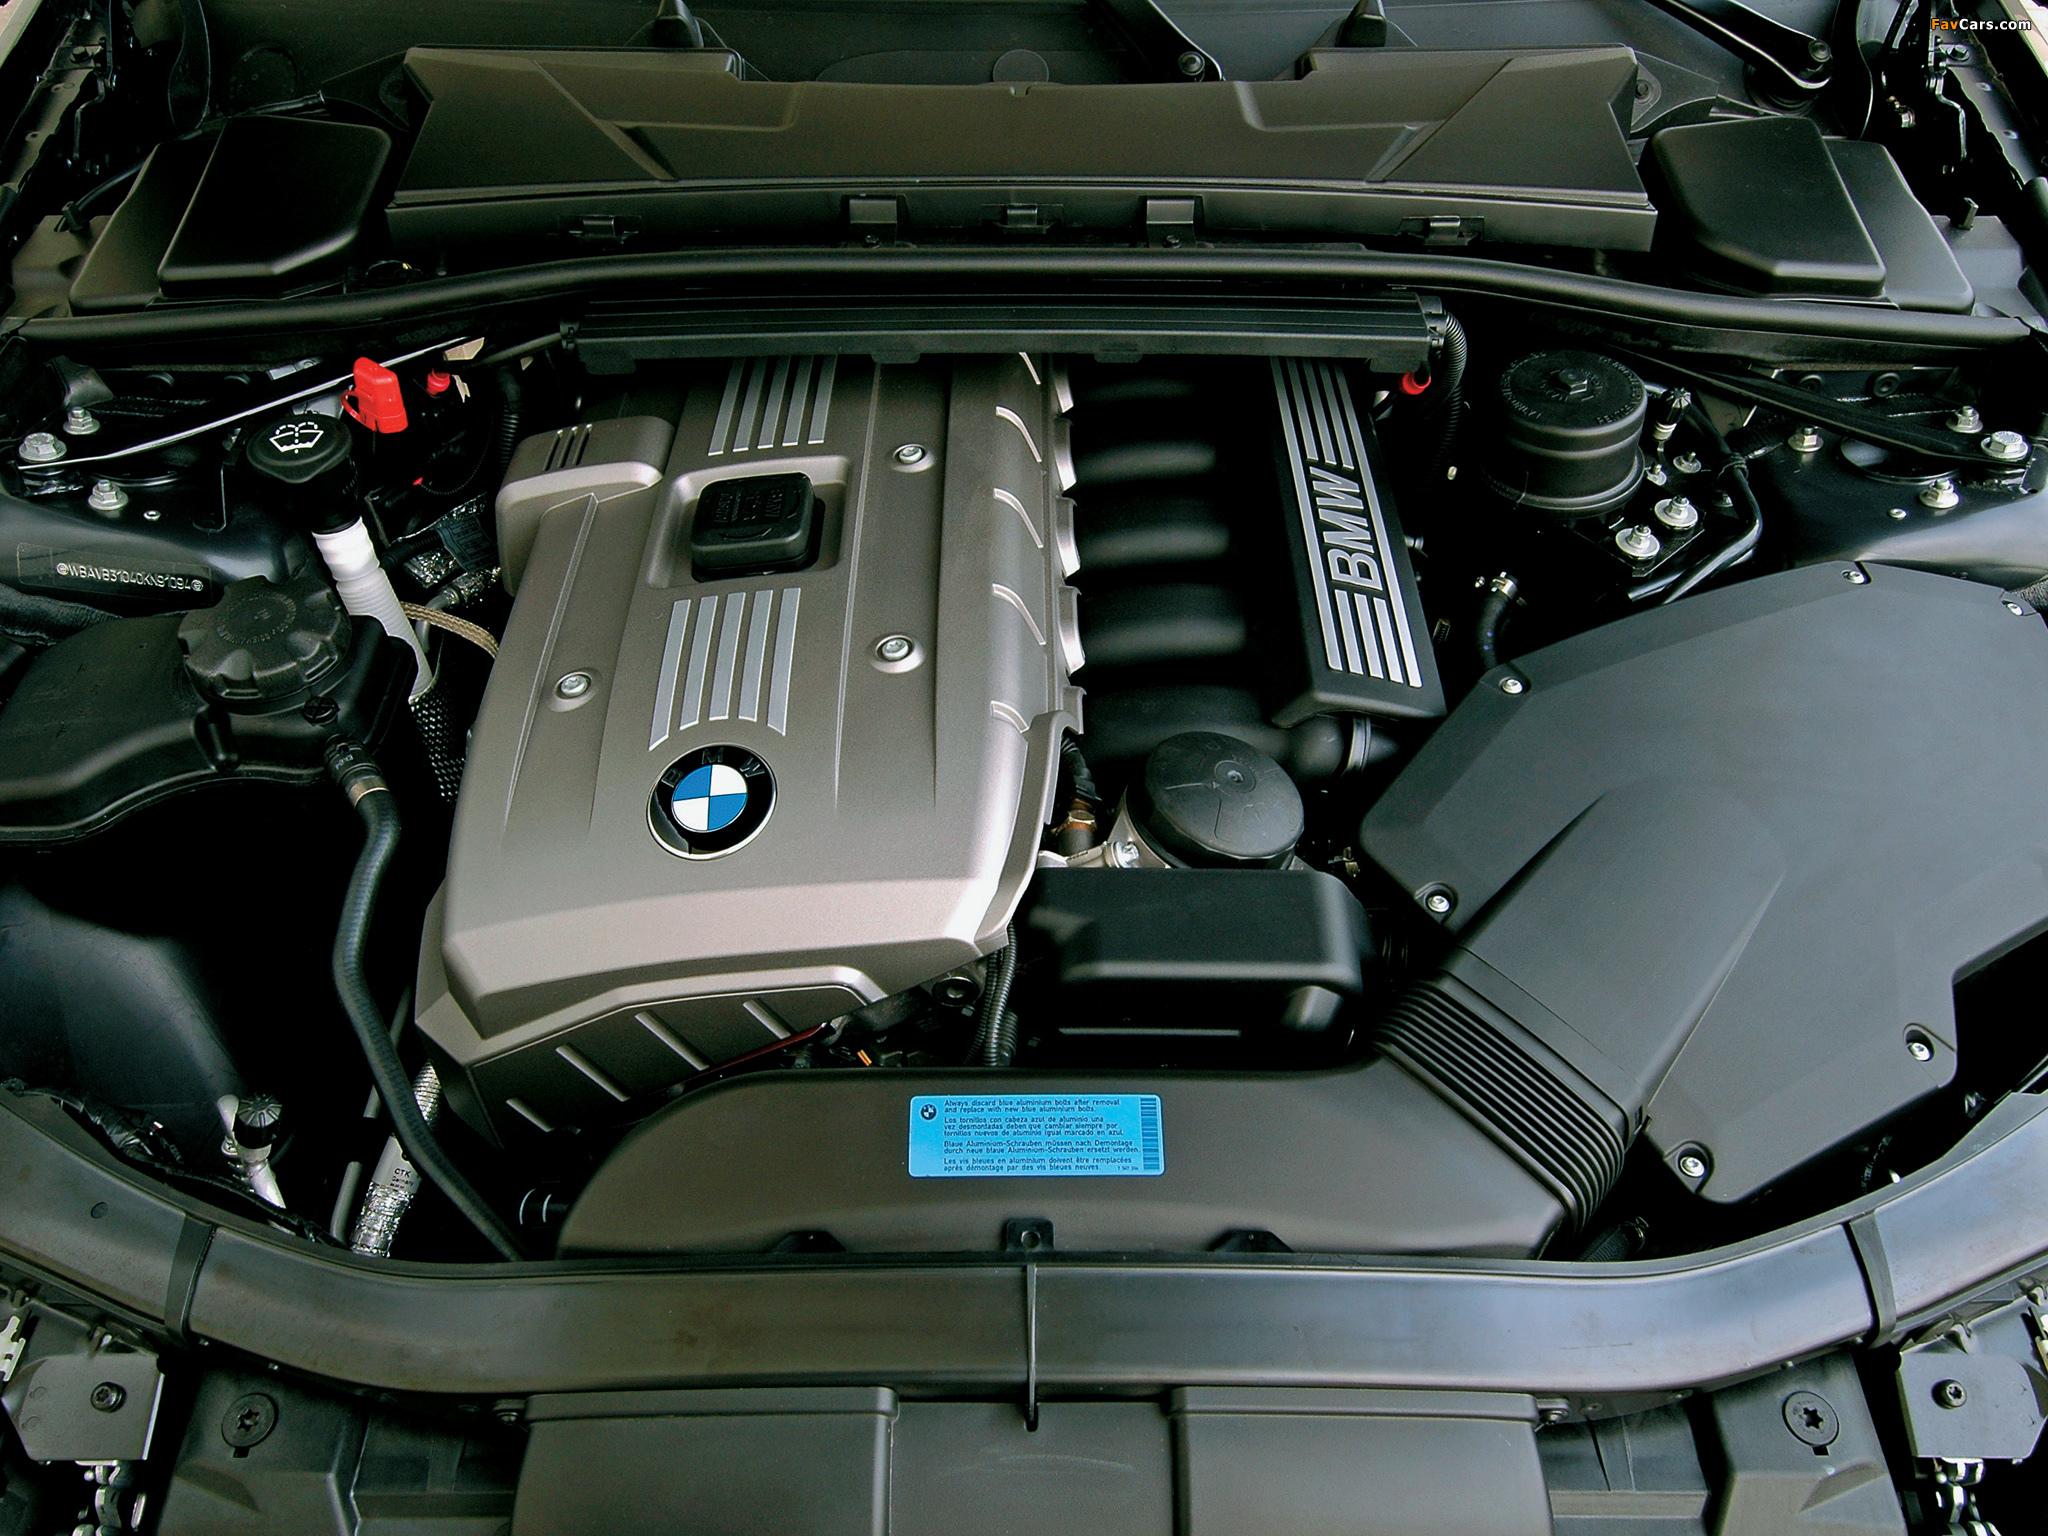 Двигатель BMW 3 E90 теряет мощность, появляется индикатор «Ошибка датчика Valvetronic»